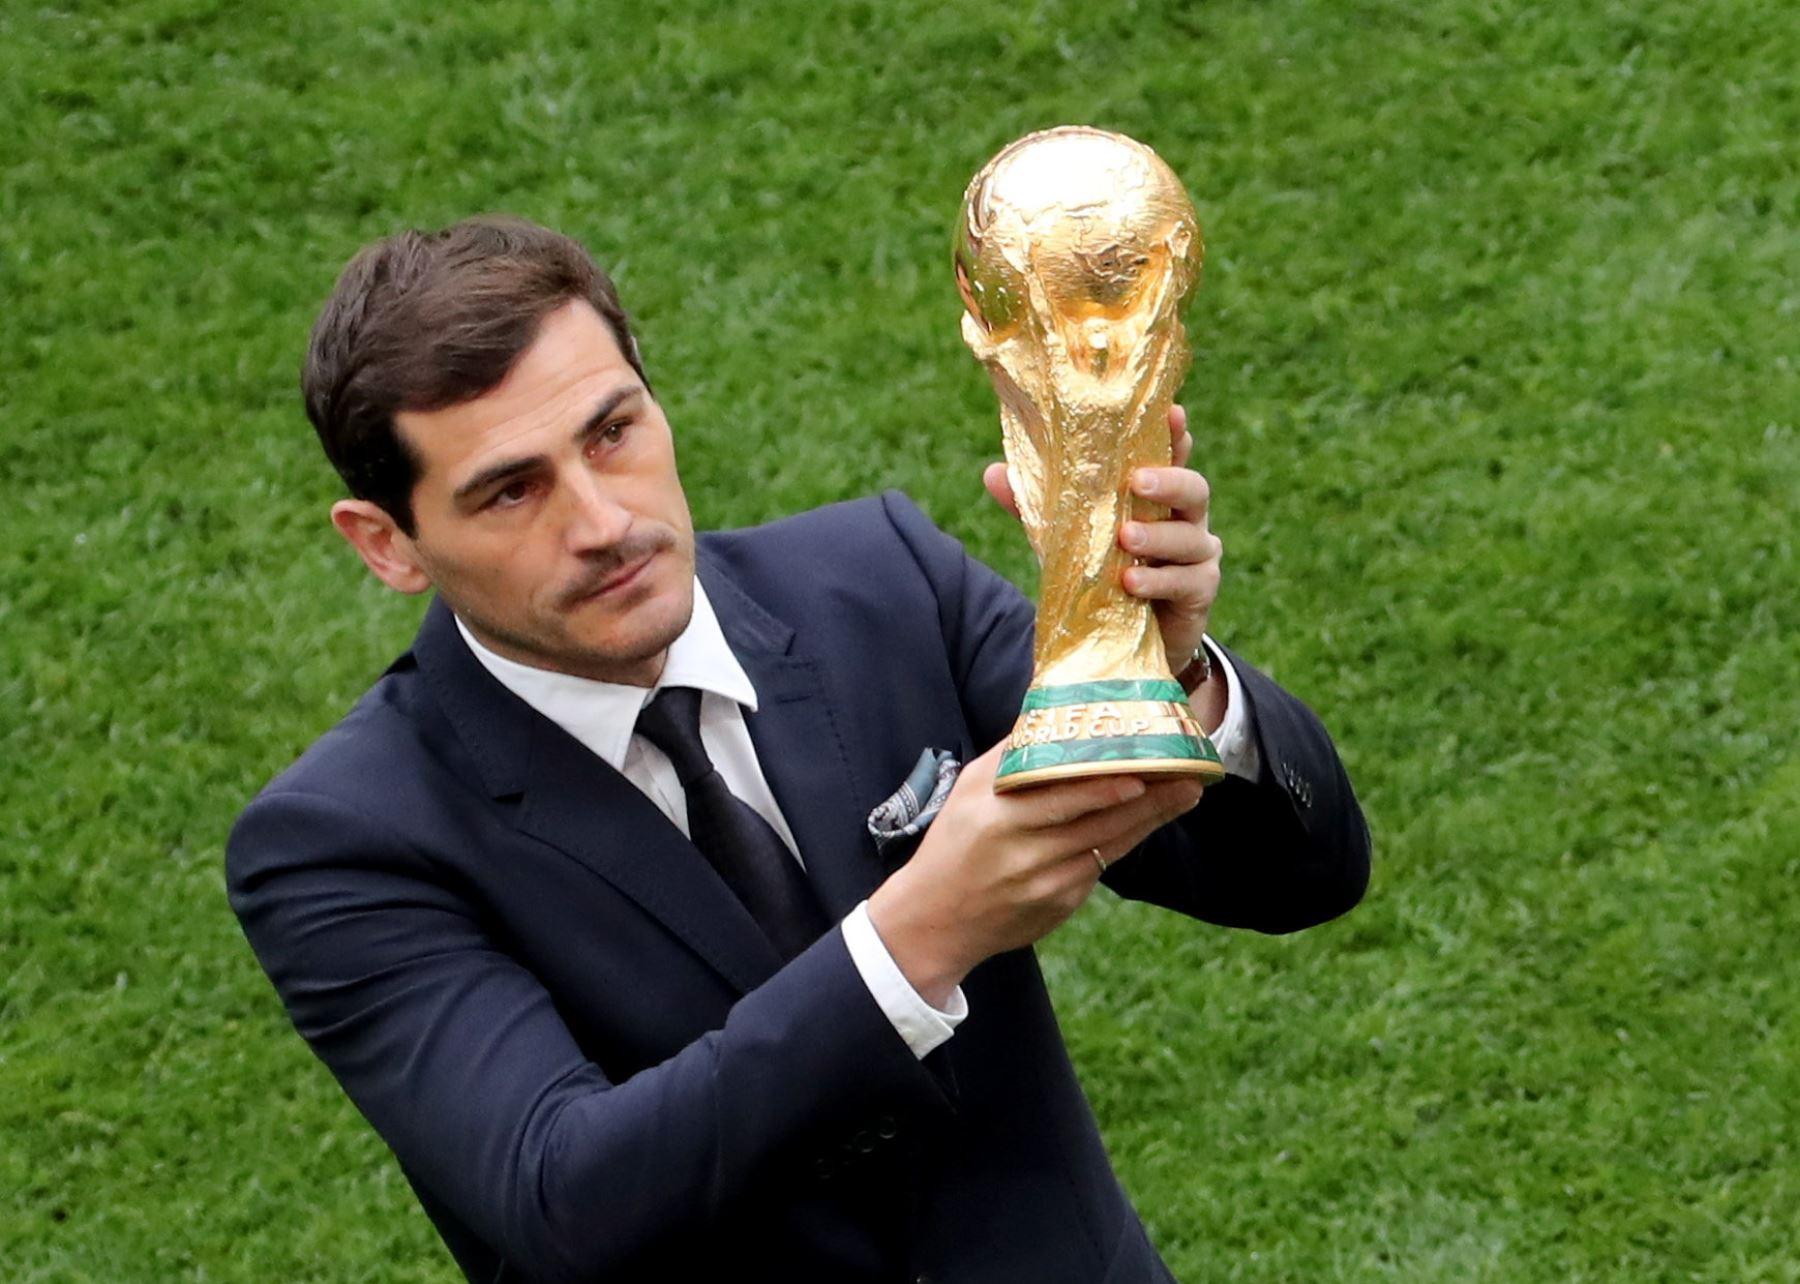 El portero español Iker Casillas presenta el trofeo de la Copa Mundial antes del partido de la Copa Mundial de la FIFA 2018 Un partido de fútbol preliminar entre Rusia y Arabia Saudita en Moscú. Foto: EFE